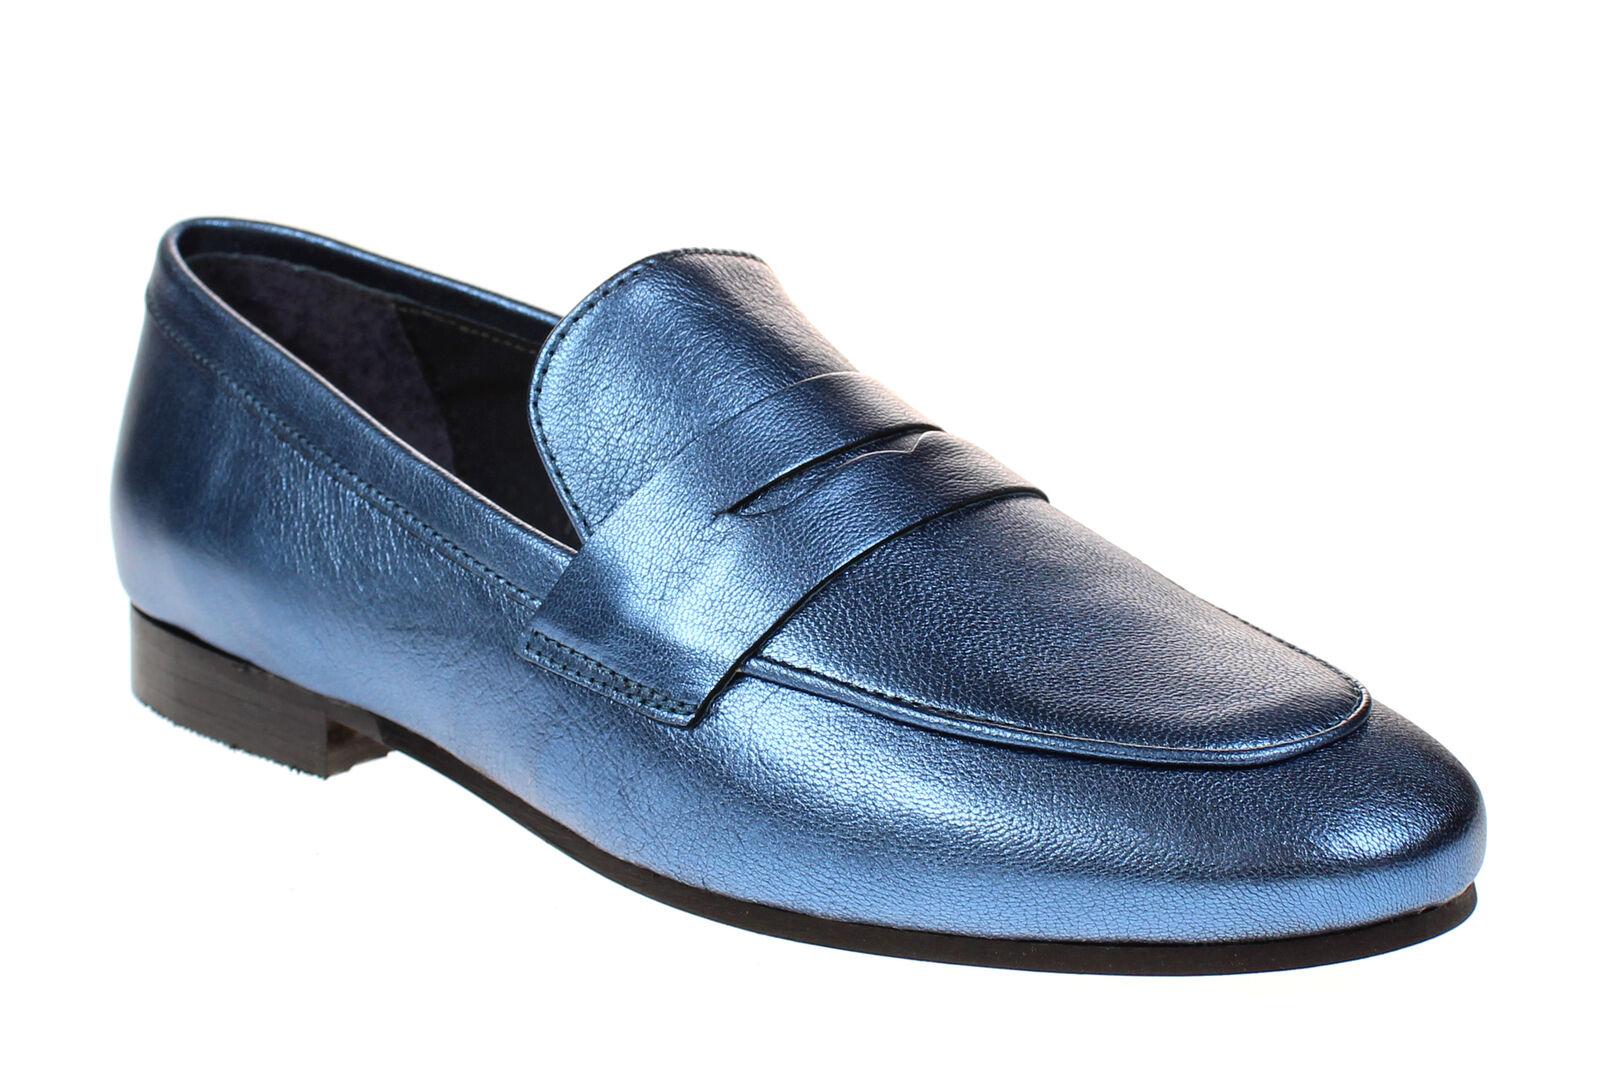 una marca di lusso POST Xchange Neru Neru Neru 11-Scarpe da donna per il tempo libero Scarpe Mocassini - 4750  prendi l'ultimo